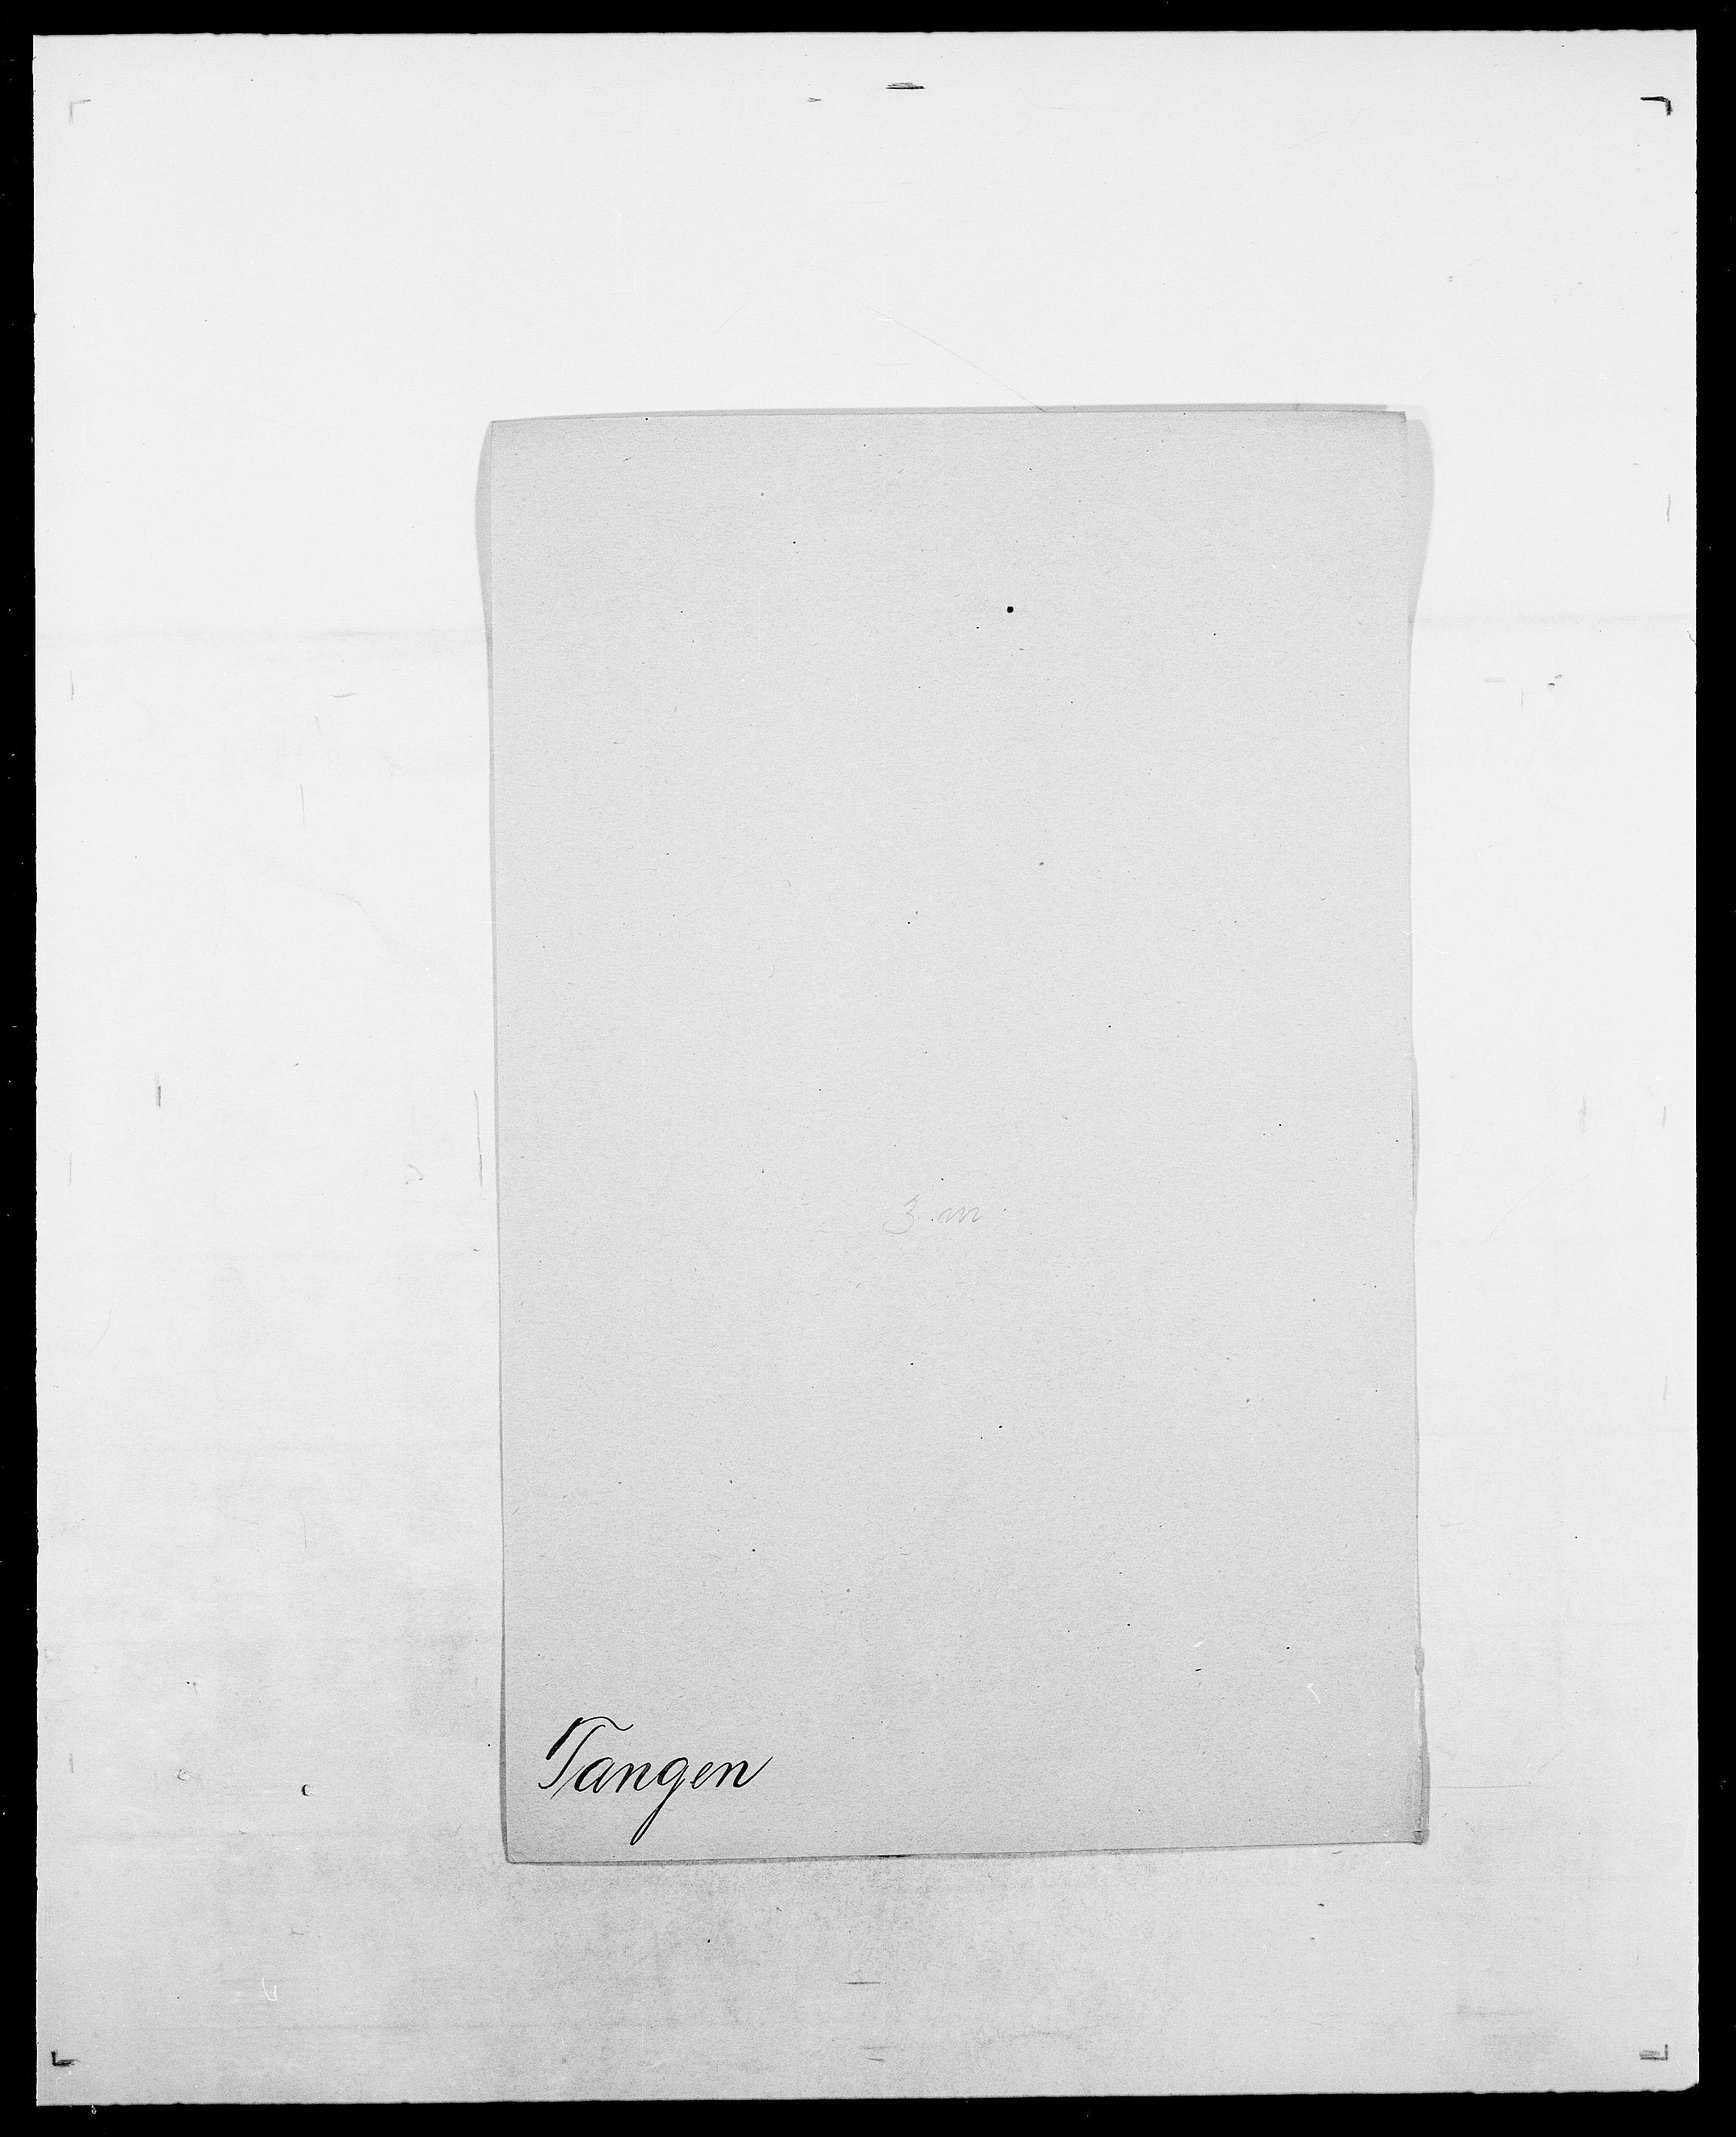 SAO, Delgobe, Charles Antoine - samling, D/Da/L0038: Svanenskjold - Thornsohn, s. 316